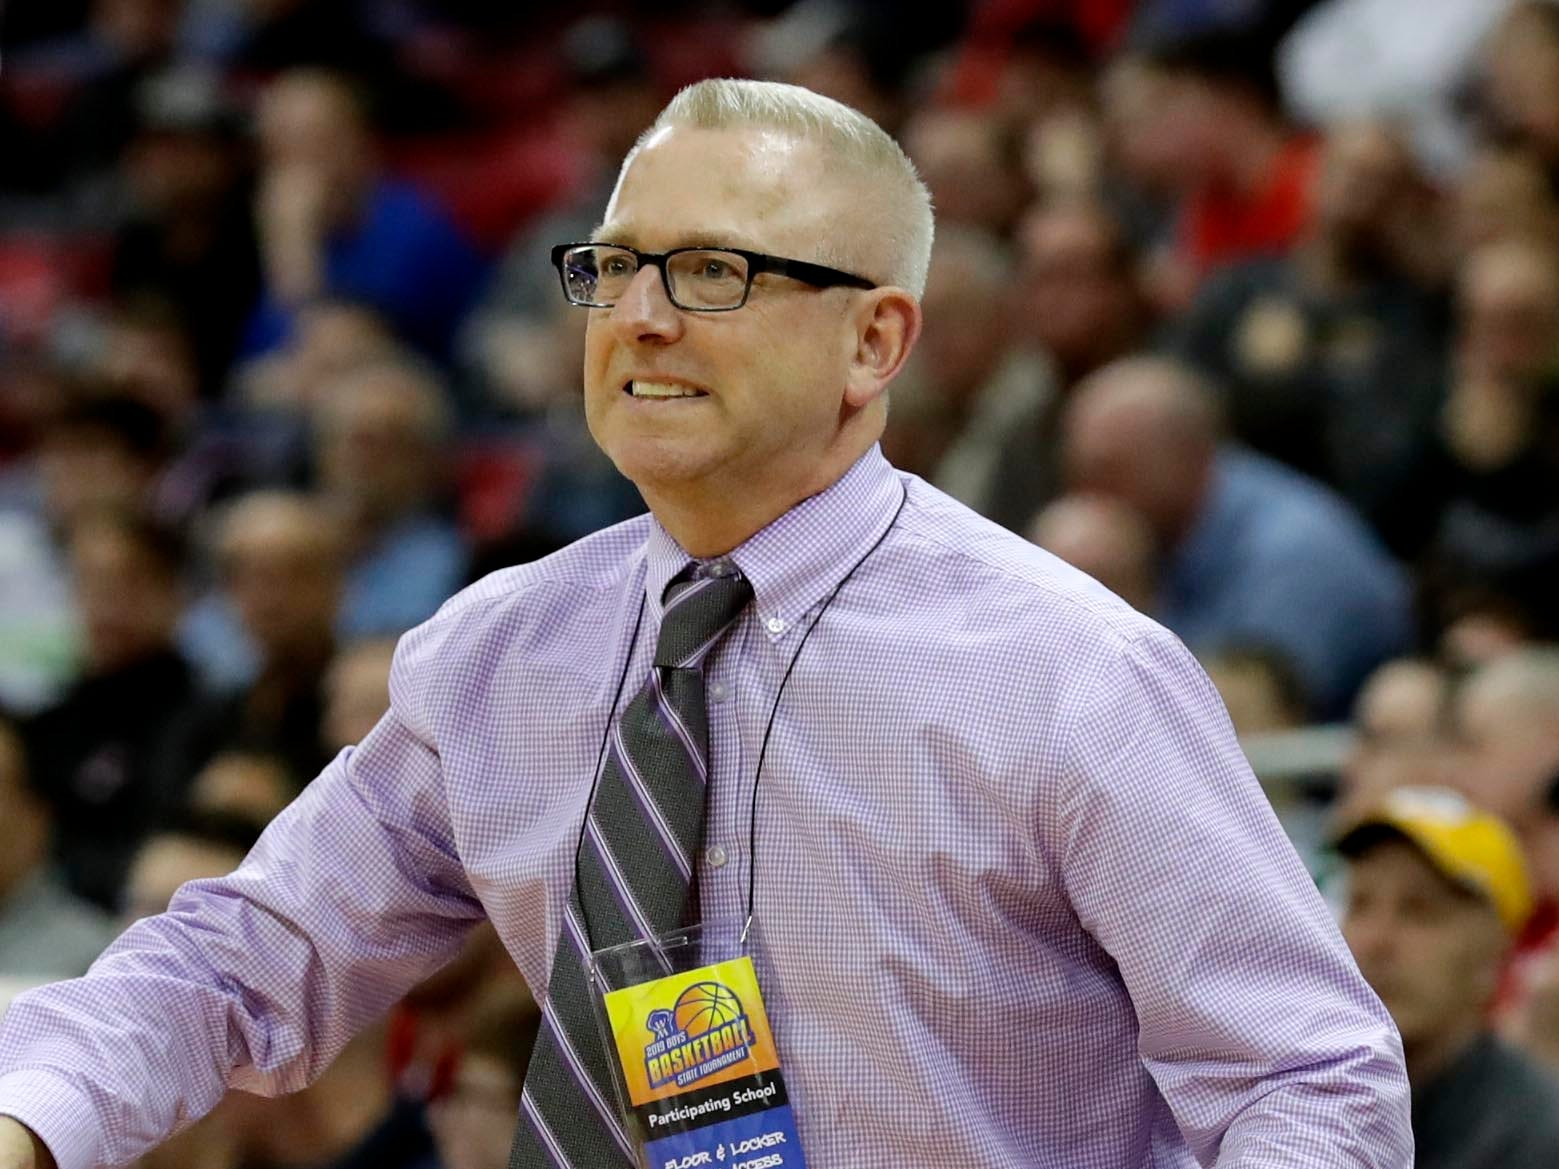 Martin Luthe coach Paul Wollersheim watches his team defeat Northwestern.